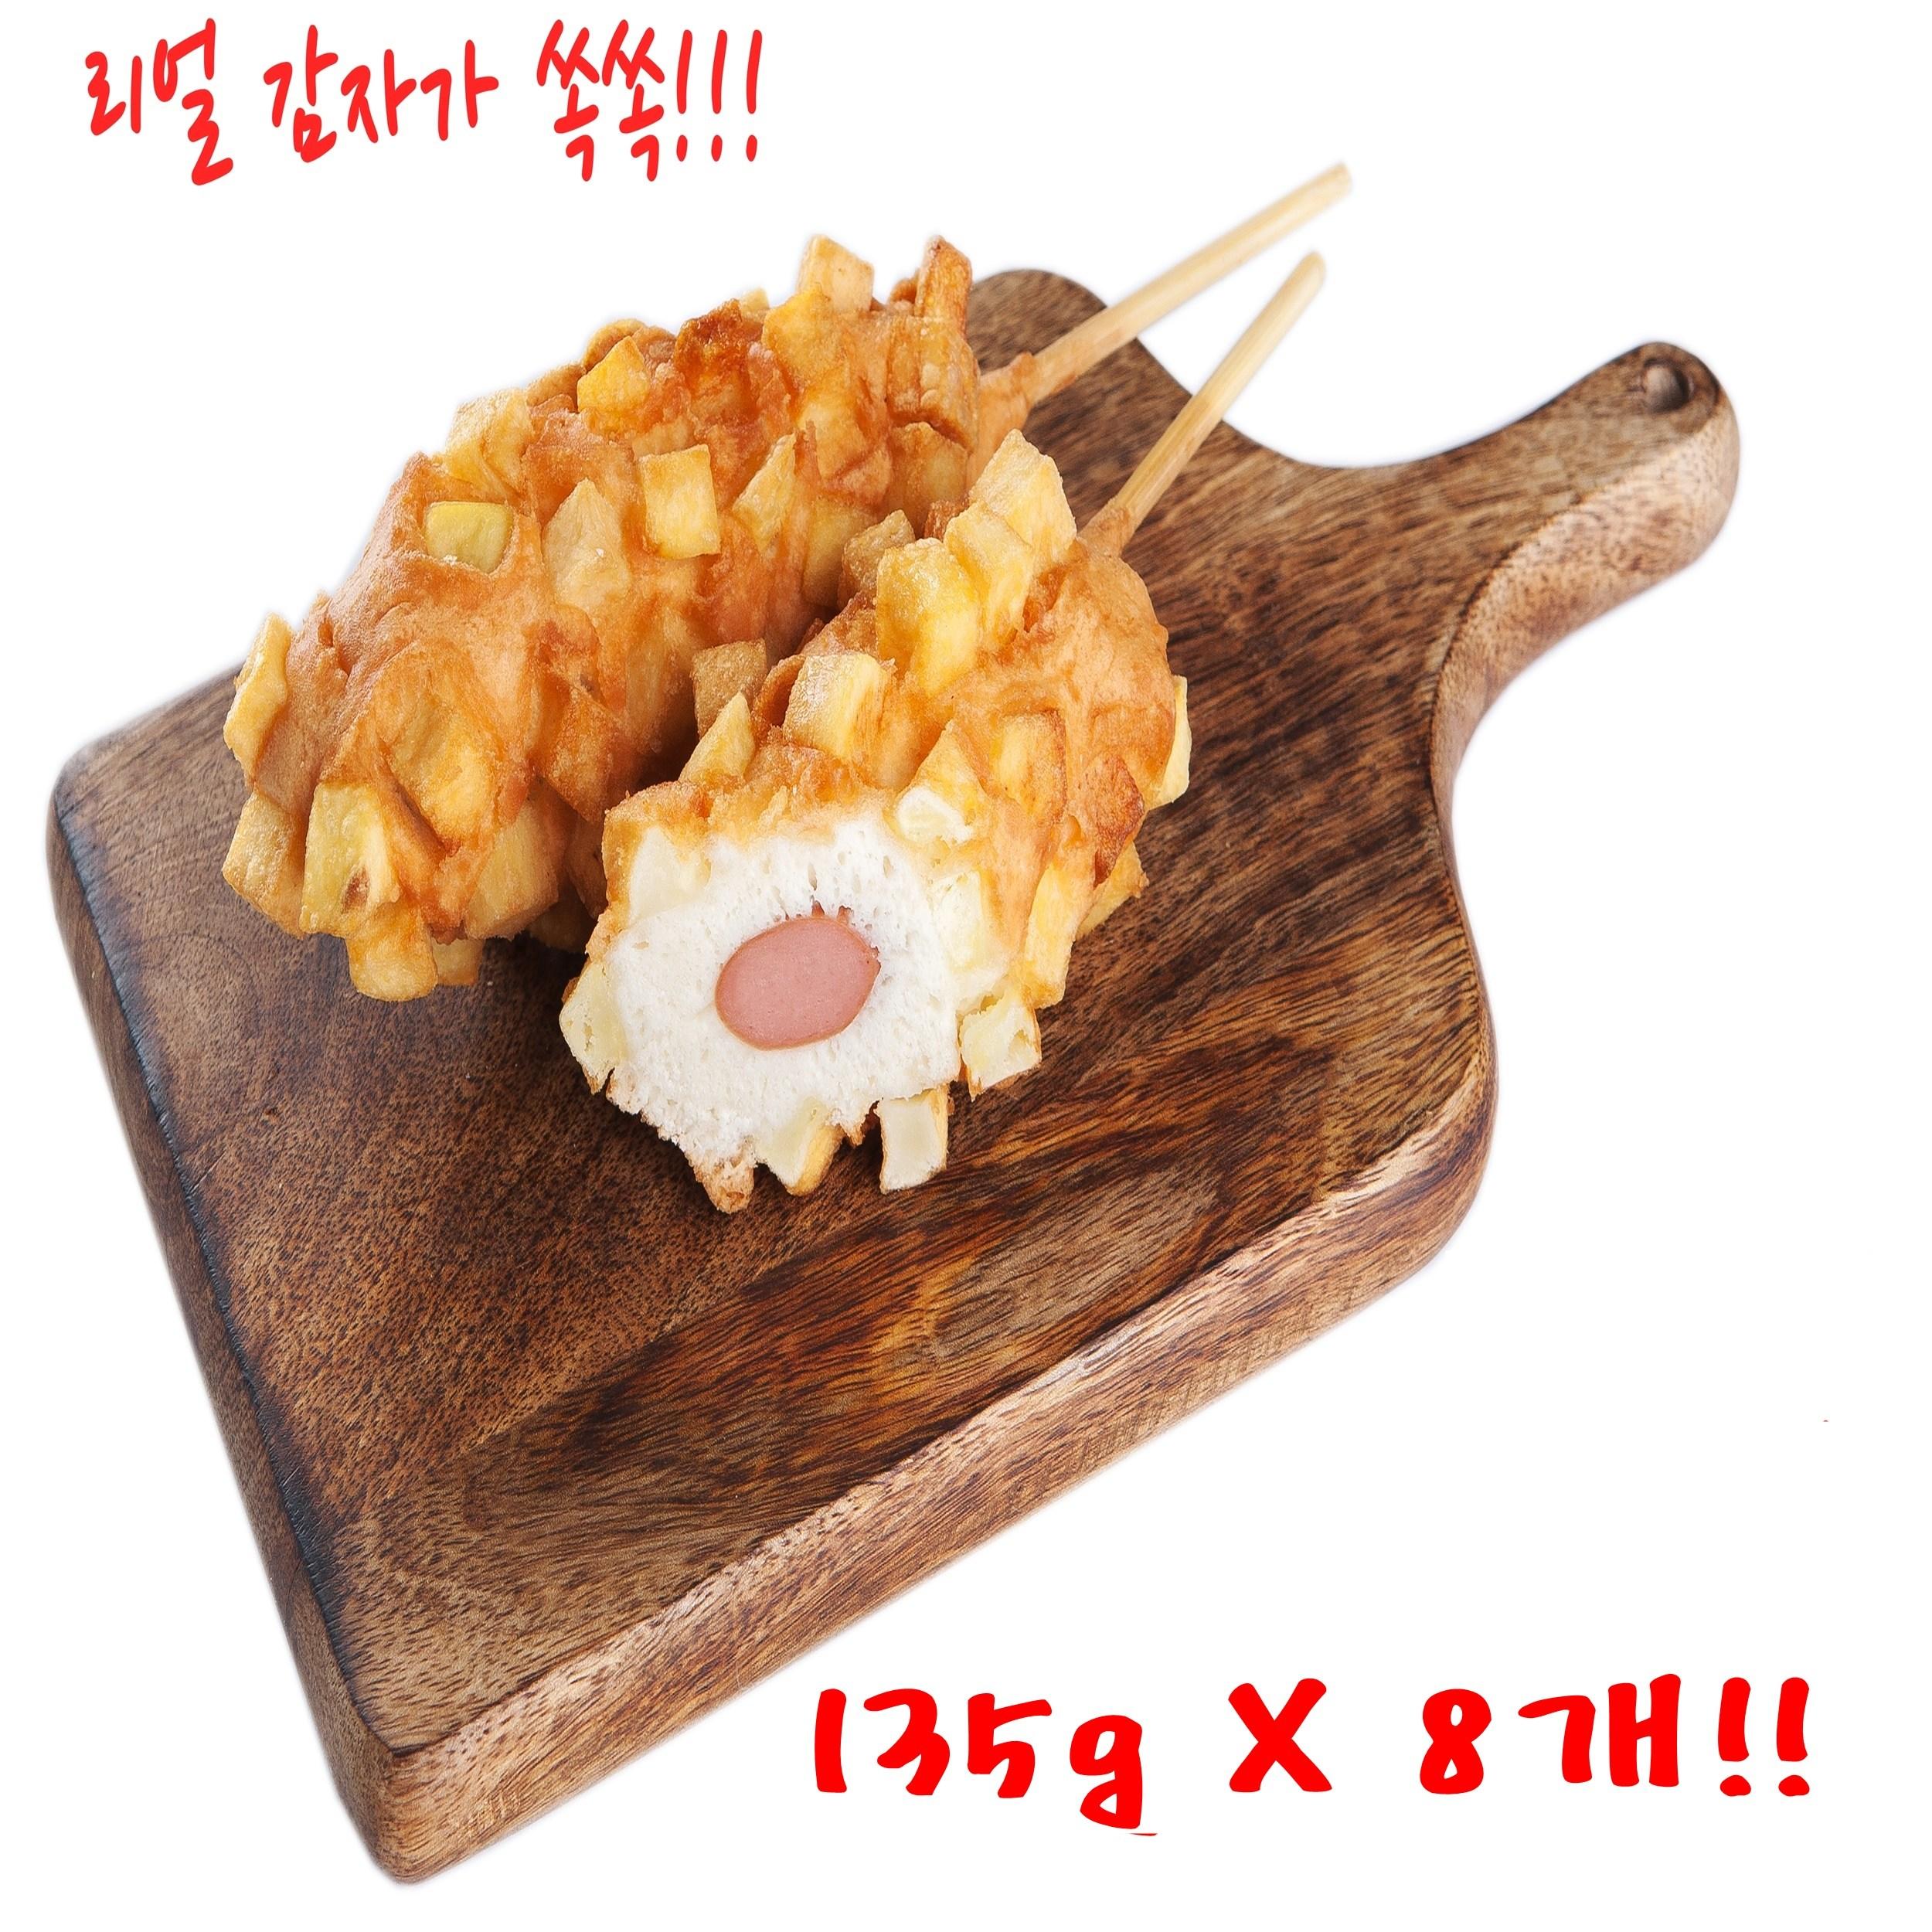 [옥두식품] 리얼감자 도깨비 핫도그 135g X 4개, 2팩, 1080g